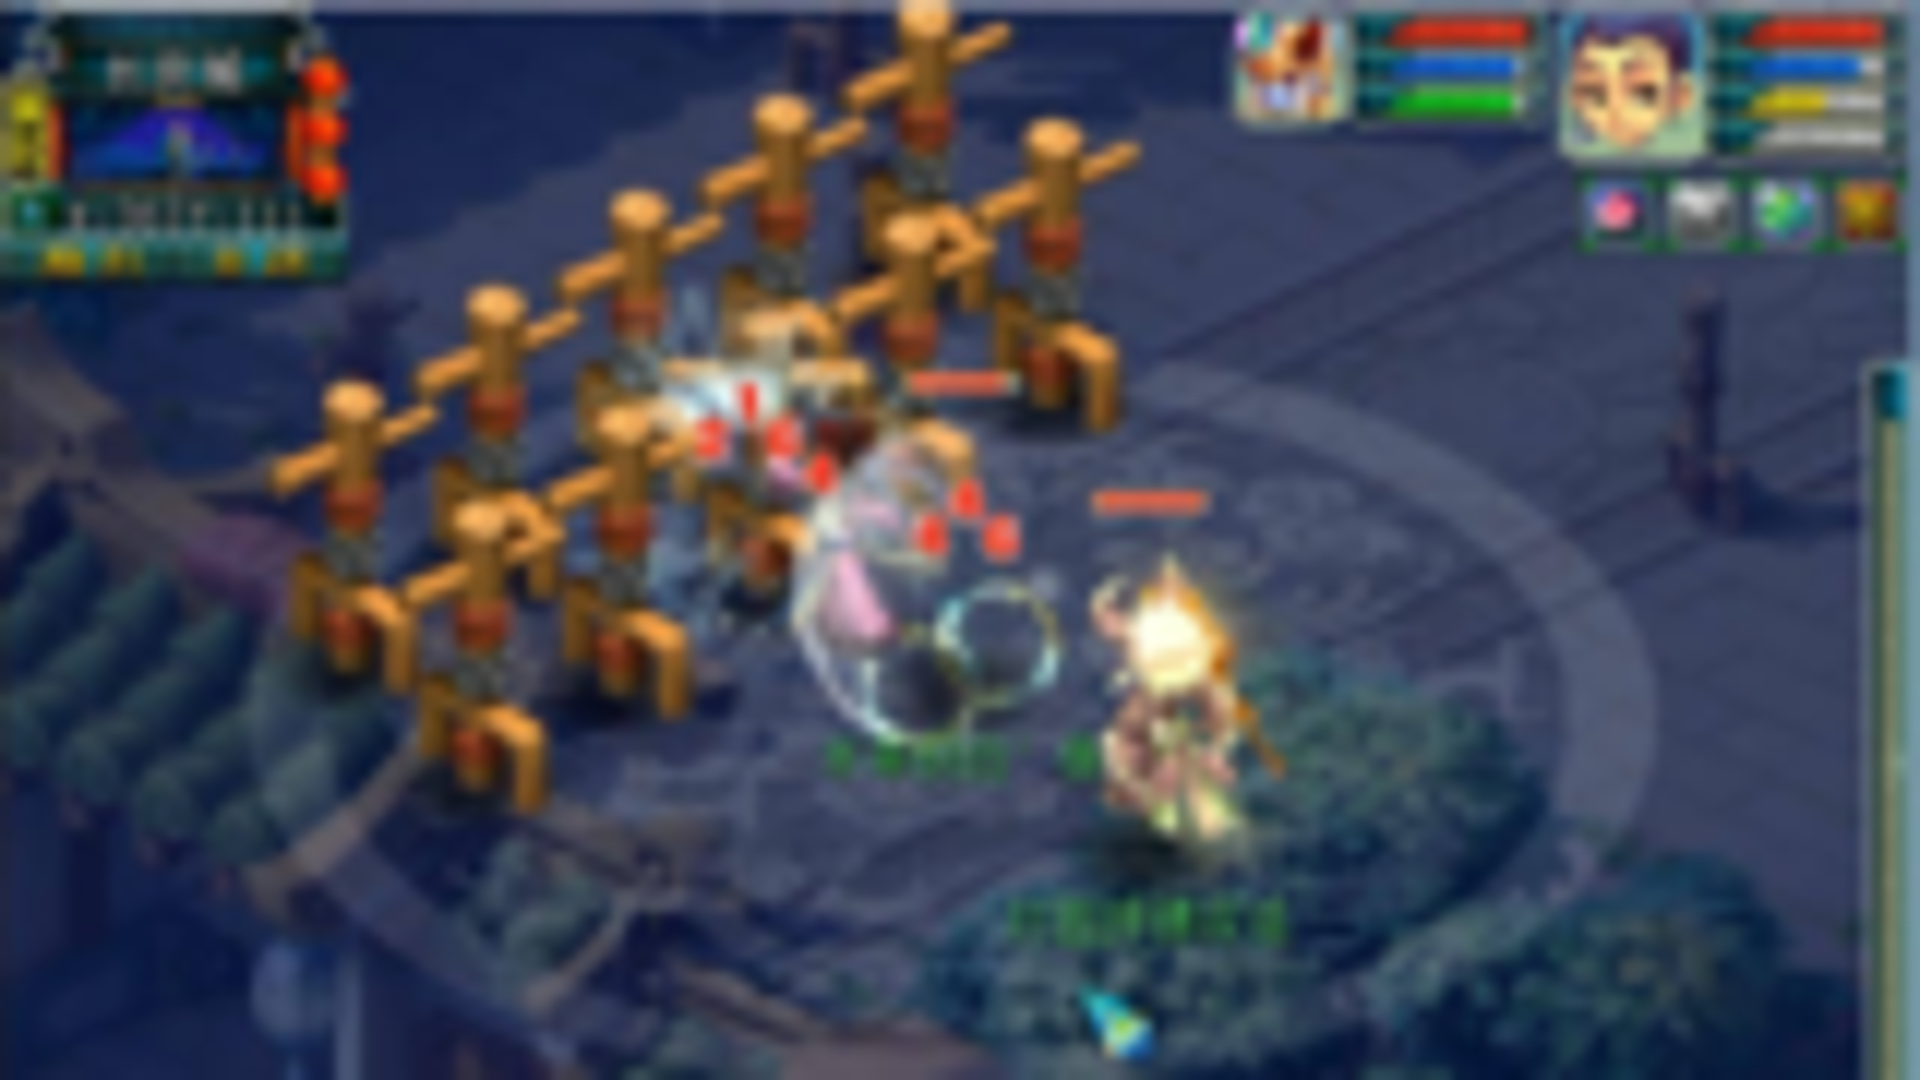 梦幻西游:玩家自创大唐快速叠剑意的方法,老王测试看看效果如何